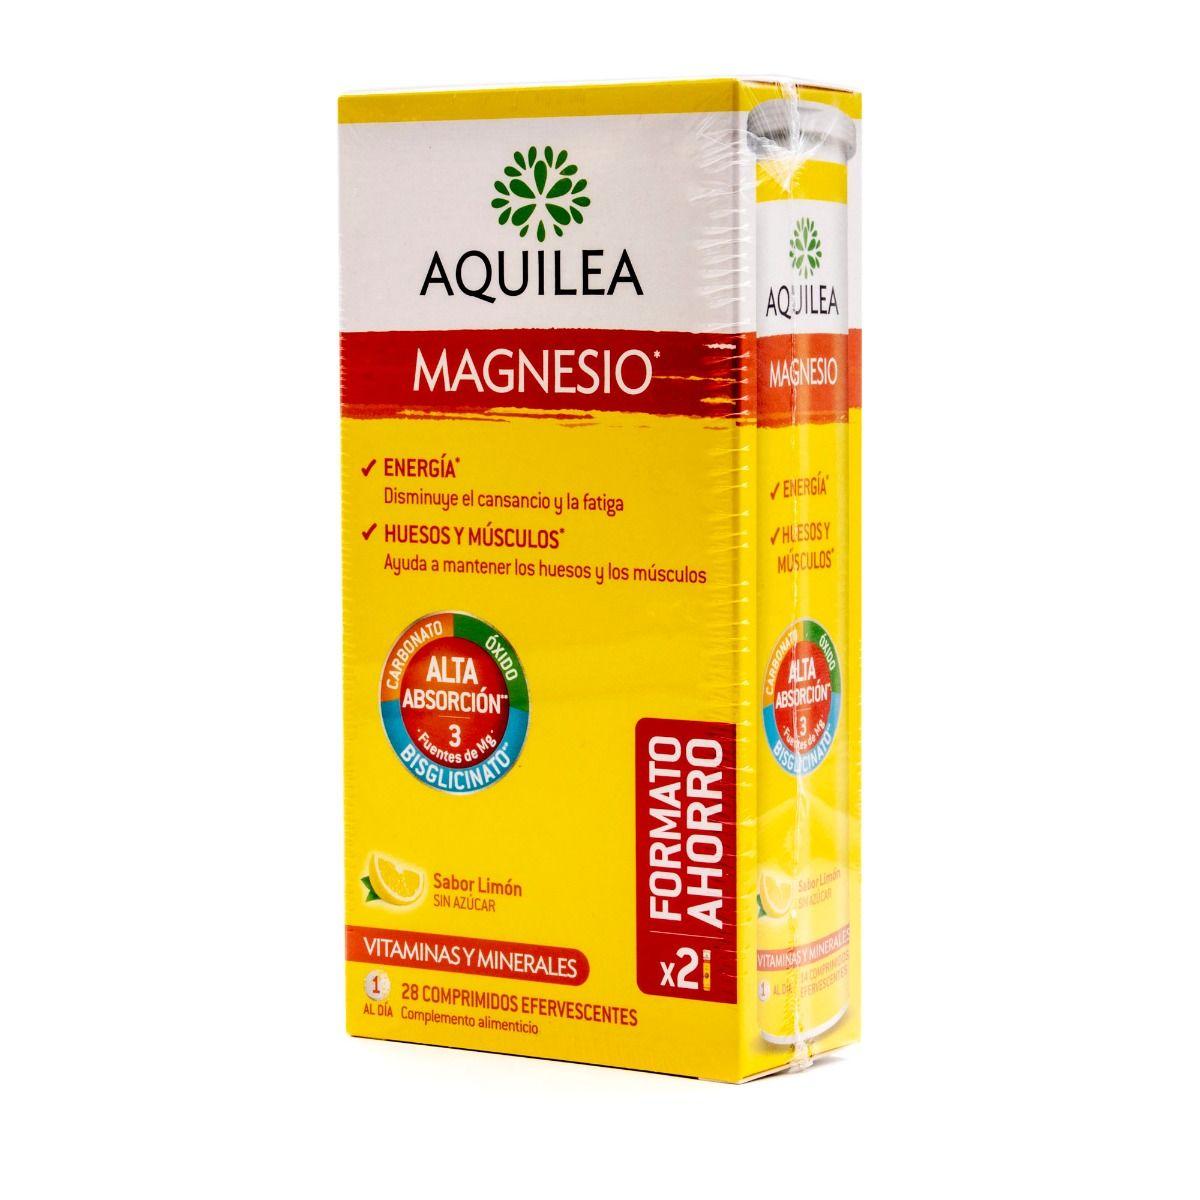 AQUILEA MAGNESIO FORMATO AHORRO 28 COMPRIMIDOS EFERVESCENTES